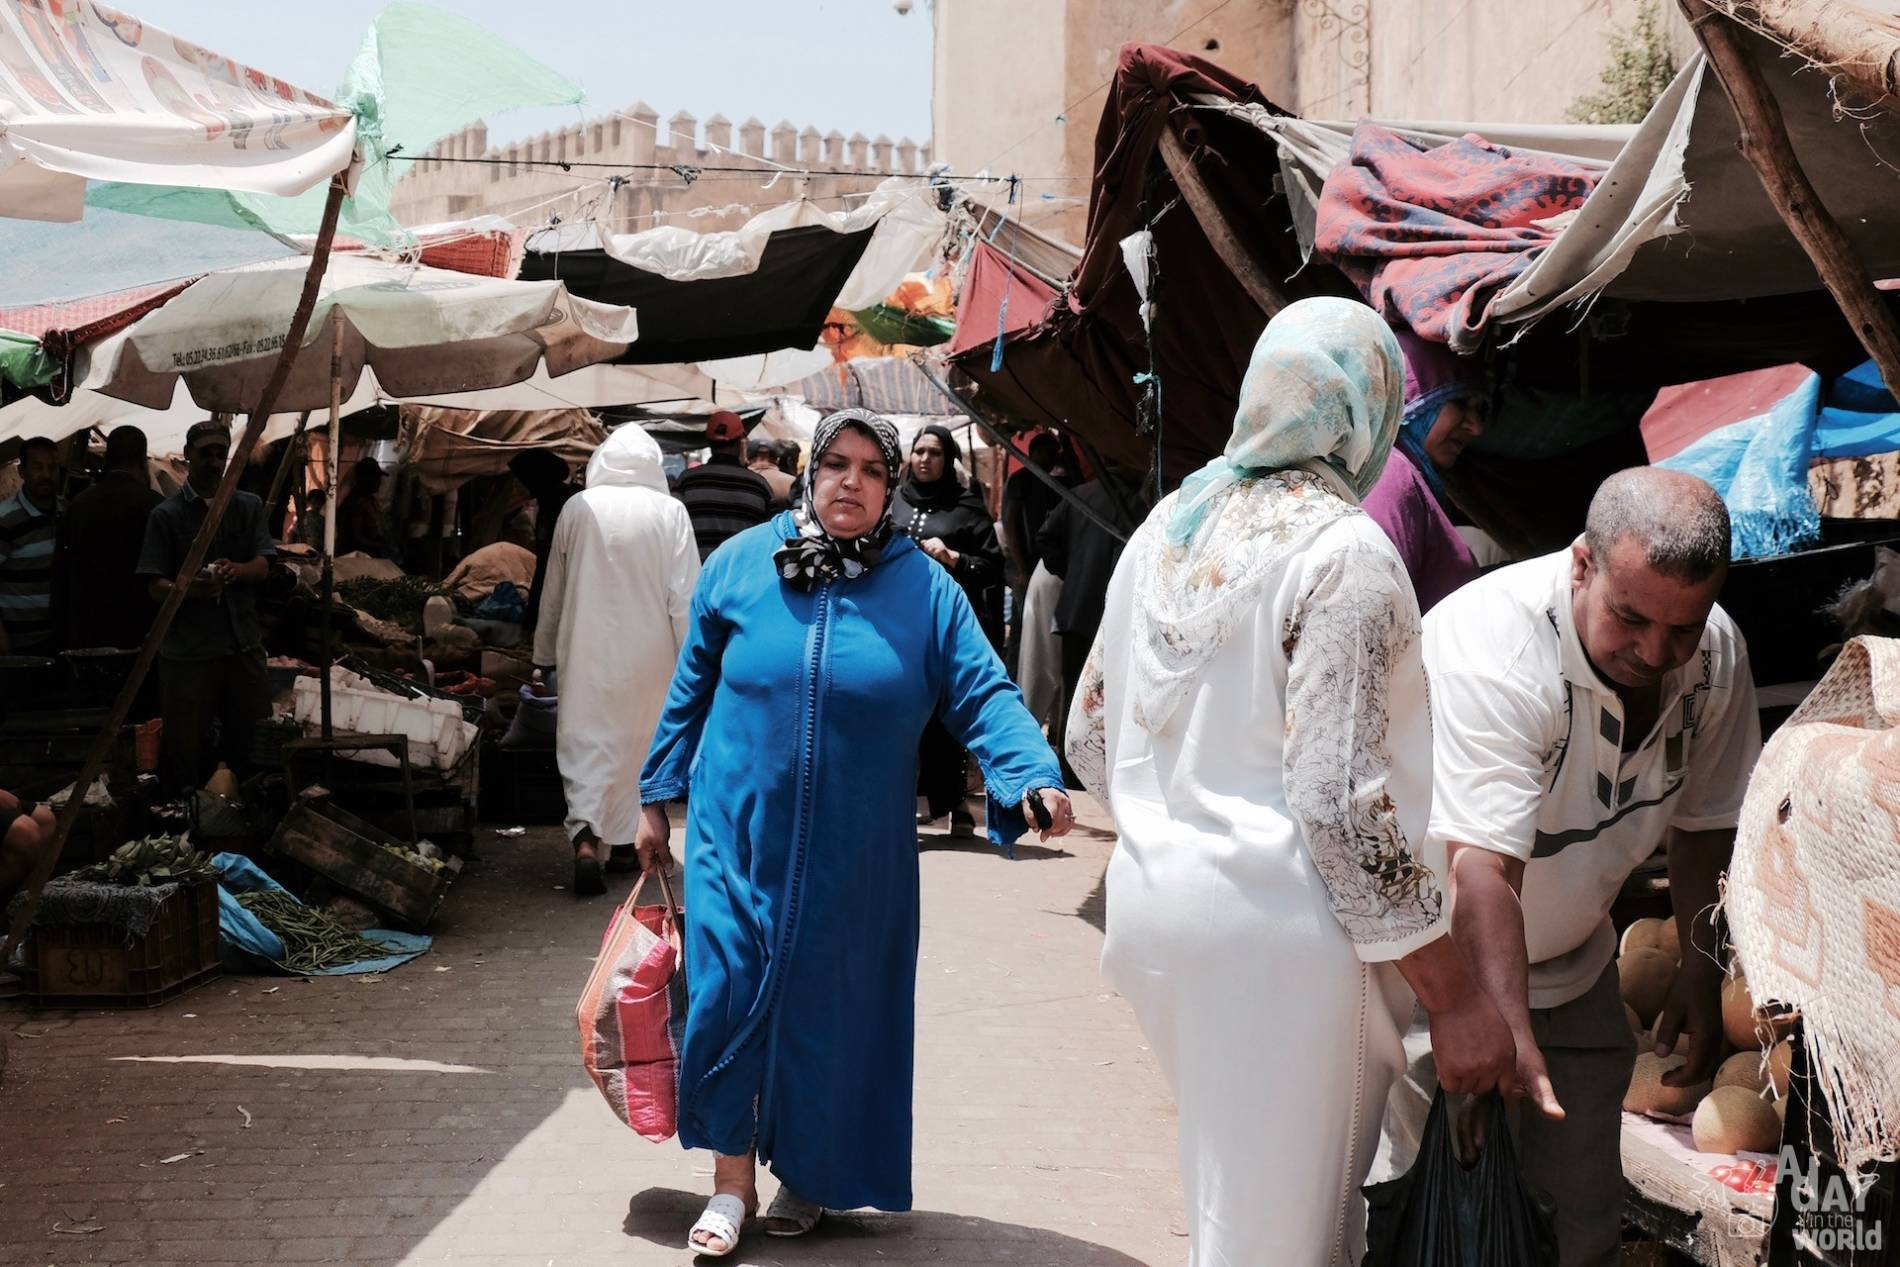 marché pacha el baghdadi